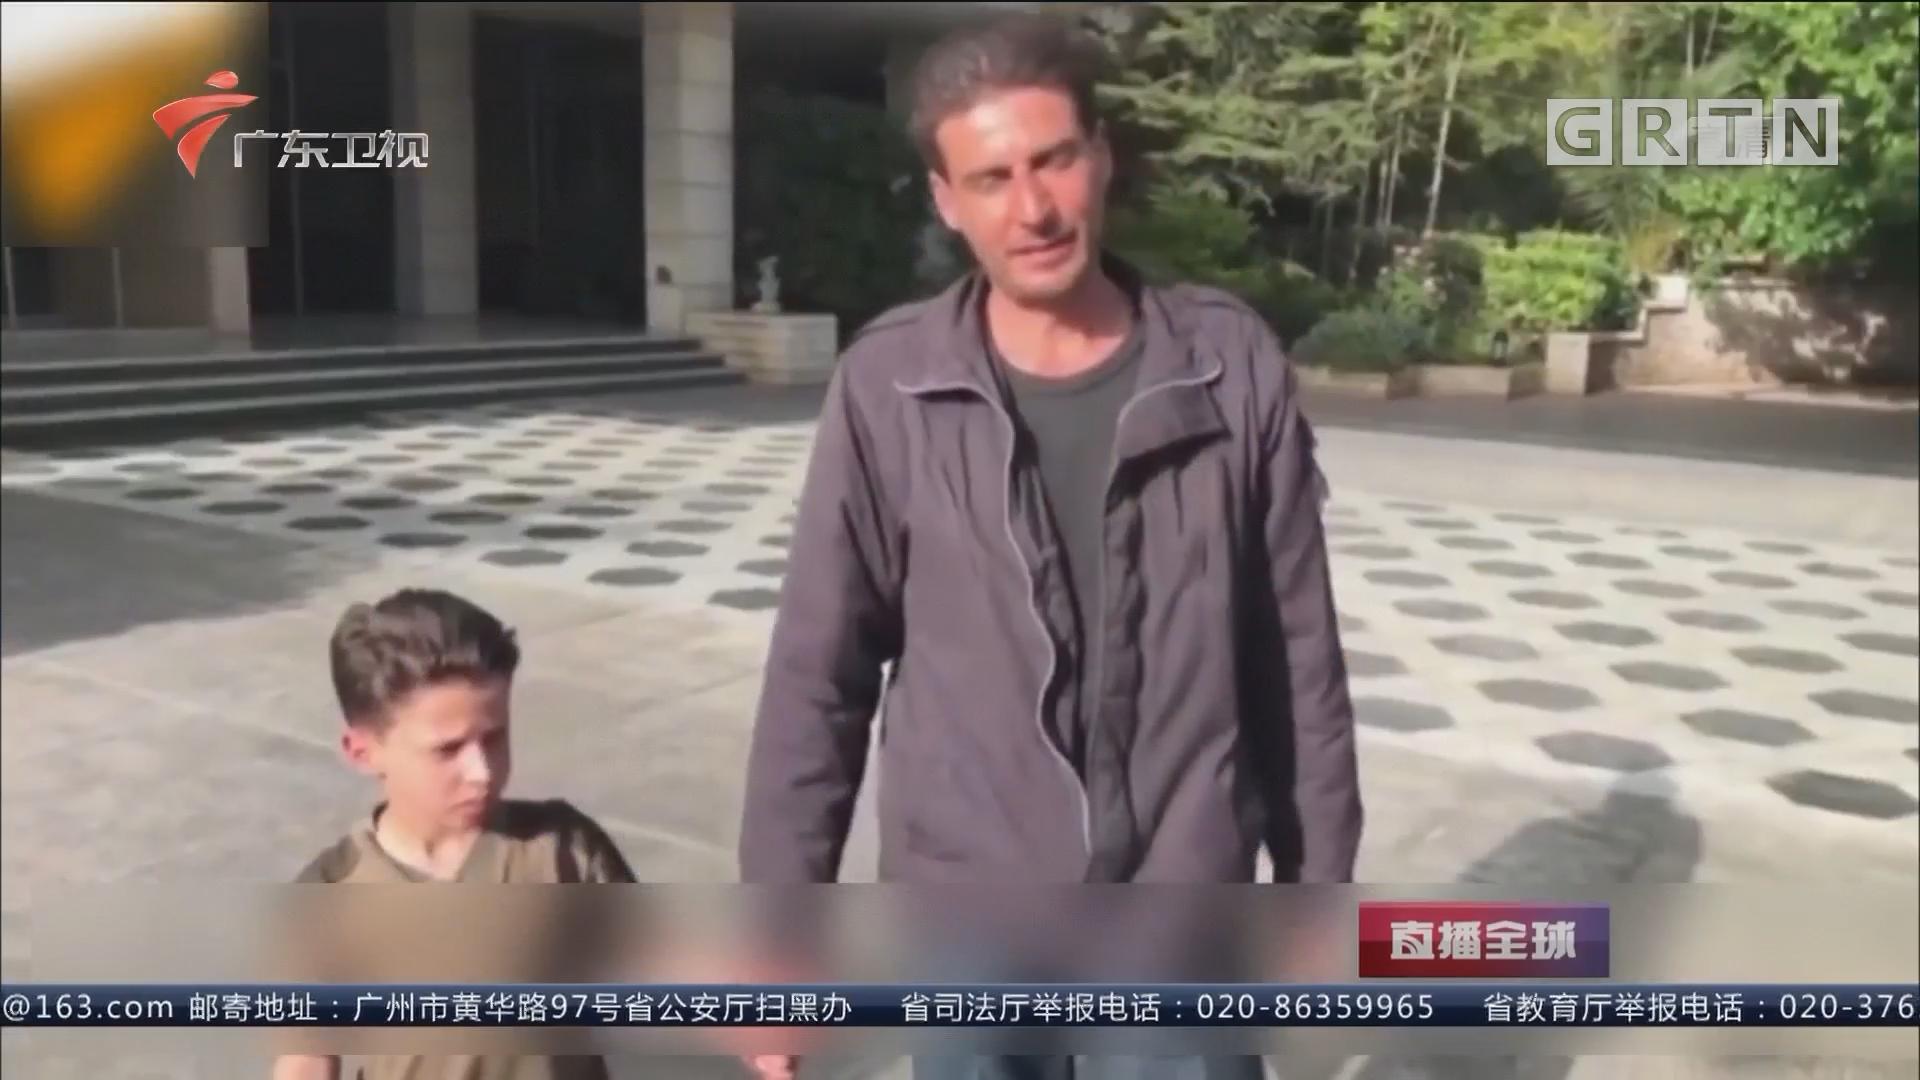 俄罗斯:手握叙利亚化武事件造假证据 摆拍?叙利亚男孩证实参与伪造化武事件